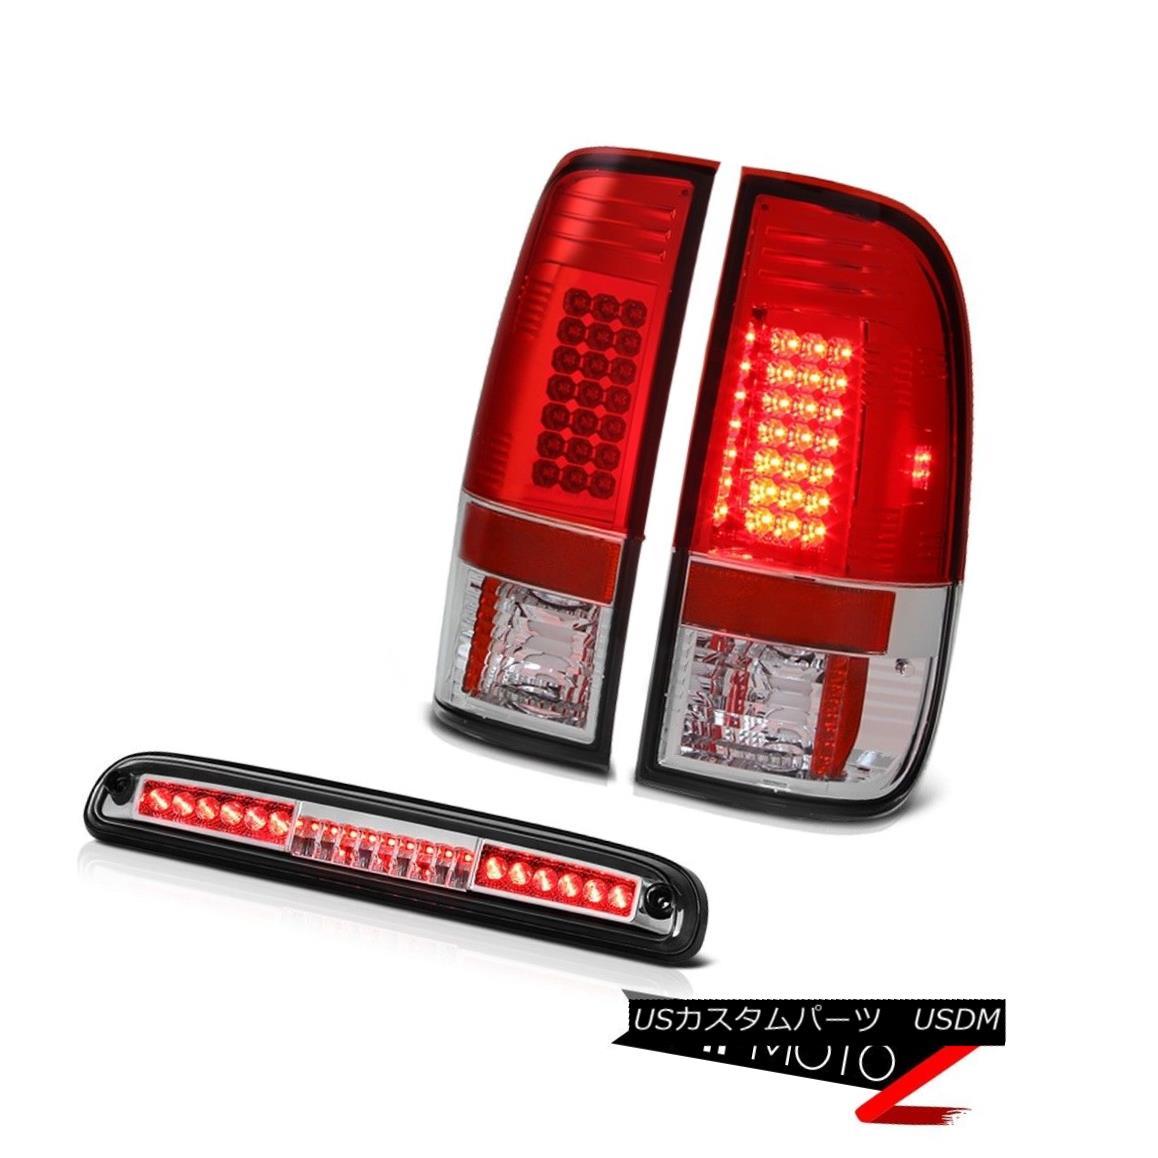 テールライト 2008-2010 Ford F-250 SuperDuty LH+RH Red Clear LED Tail Brake Lights Euro Roof 2008-2010フォードF-250 SuperDuty LH + RHレッドクリアLEDテールブレーキライトユーロルーフ